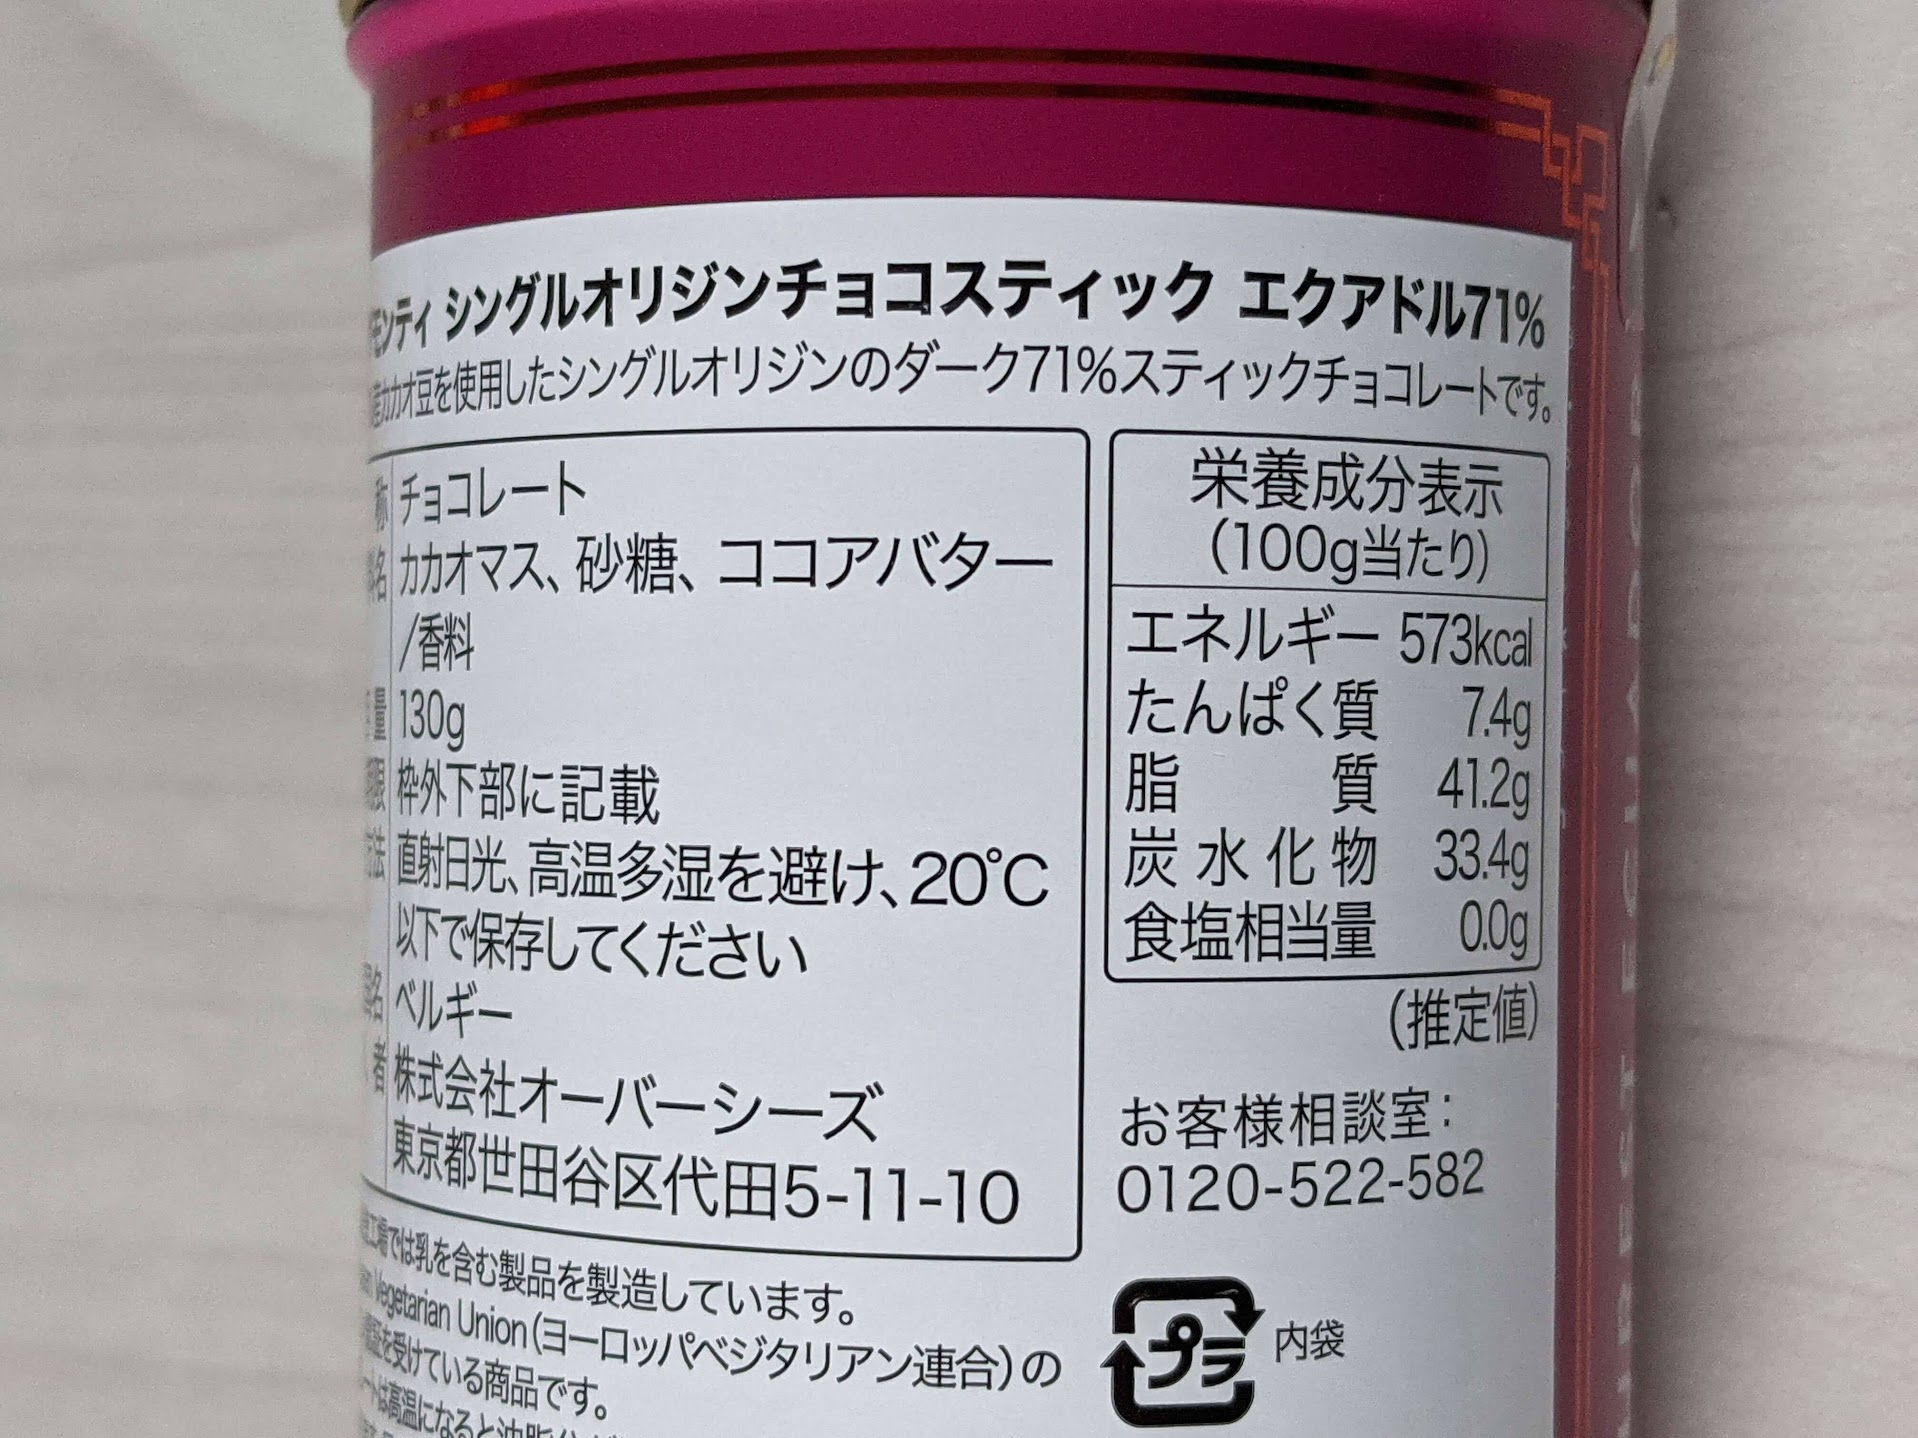 キングモンティ シングルオリジンチョコスティック エクアドル71% 栄養成分表示